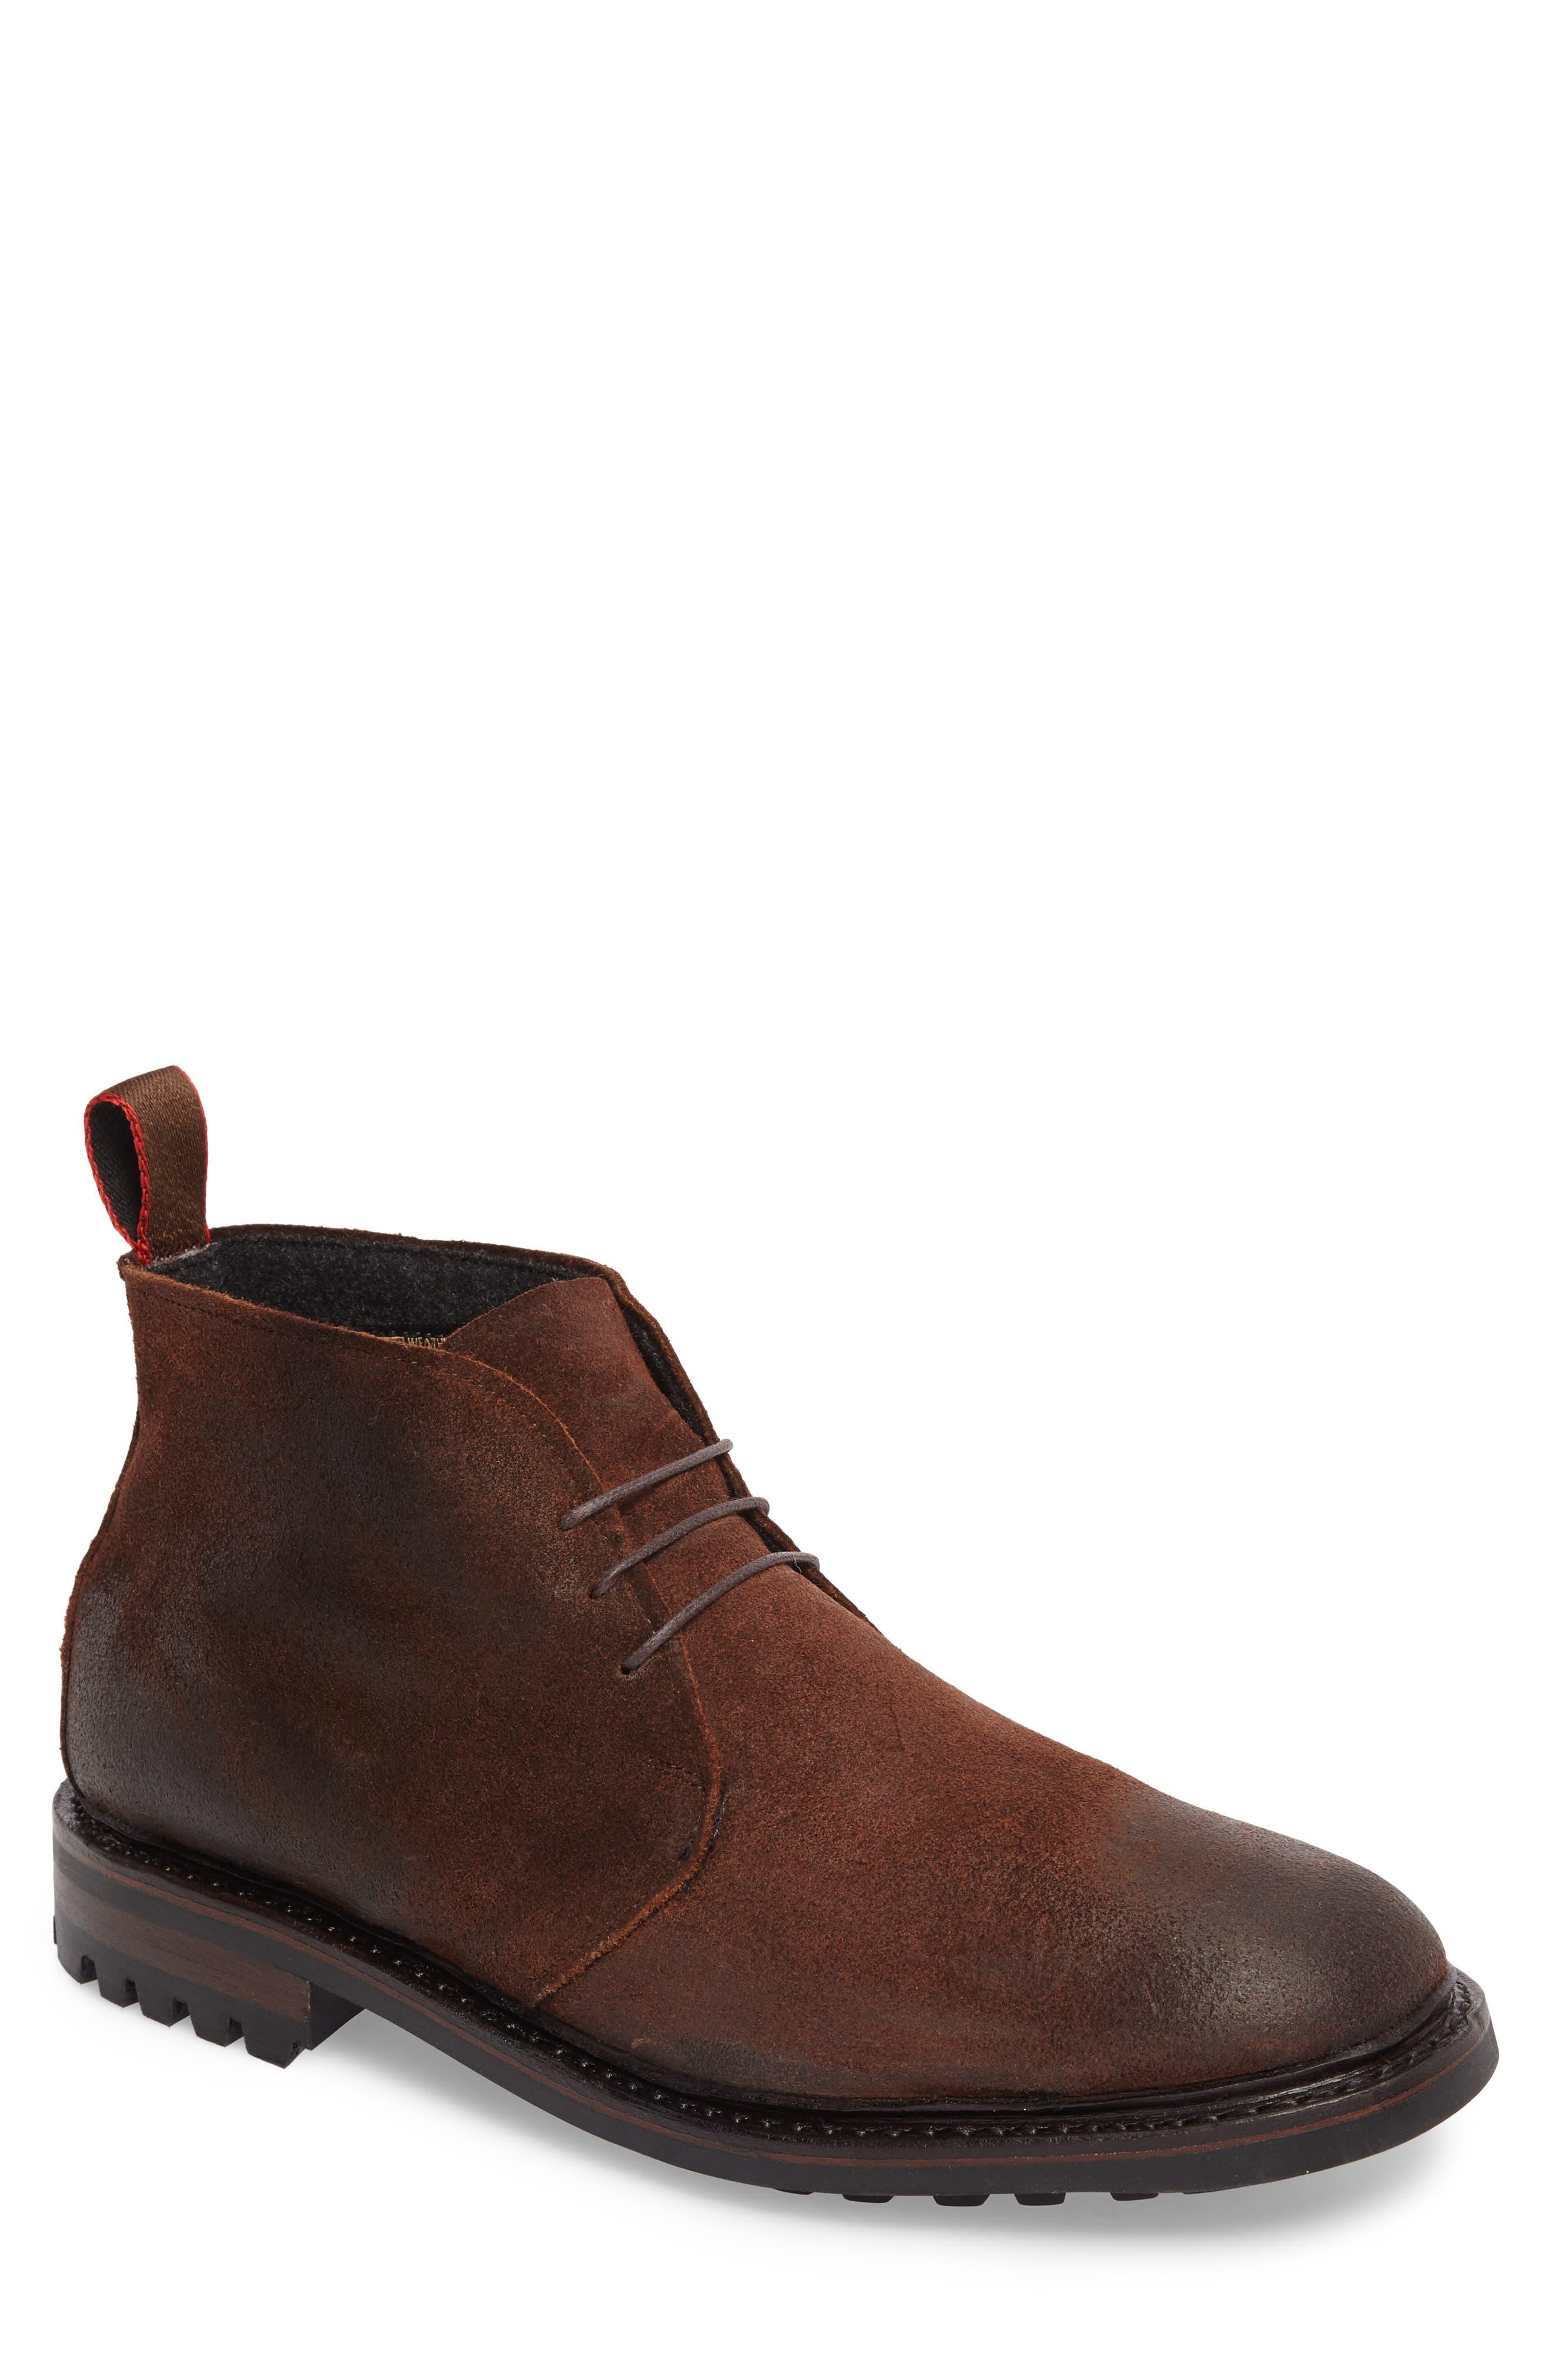 Alternate Image 1 Selected - Allen Edmonds Surrey Water Repellent Chukka Boot (Men)